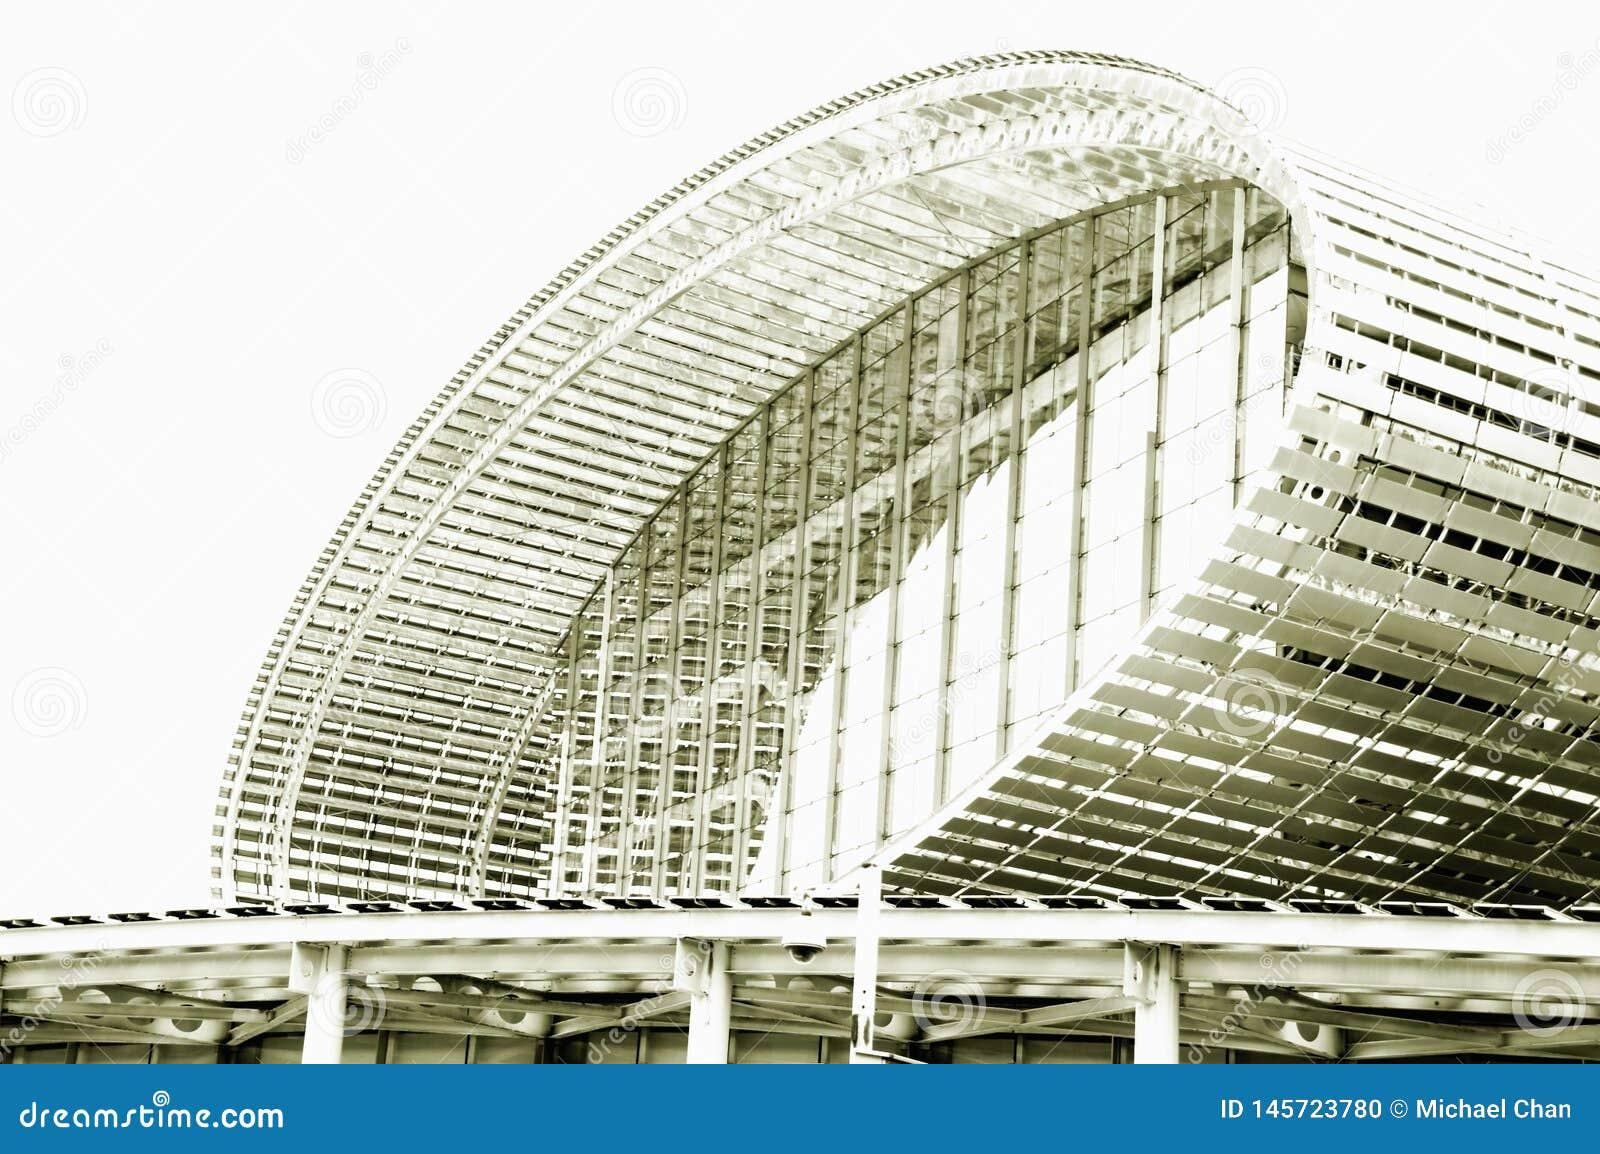 Черно-белое фото, выставочный зал мира самый большой, здание, центр международной выставки Гуанчжоу Pazhou